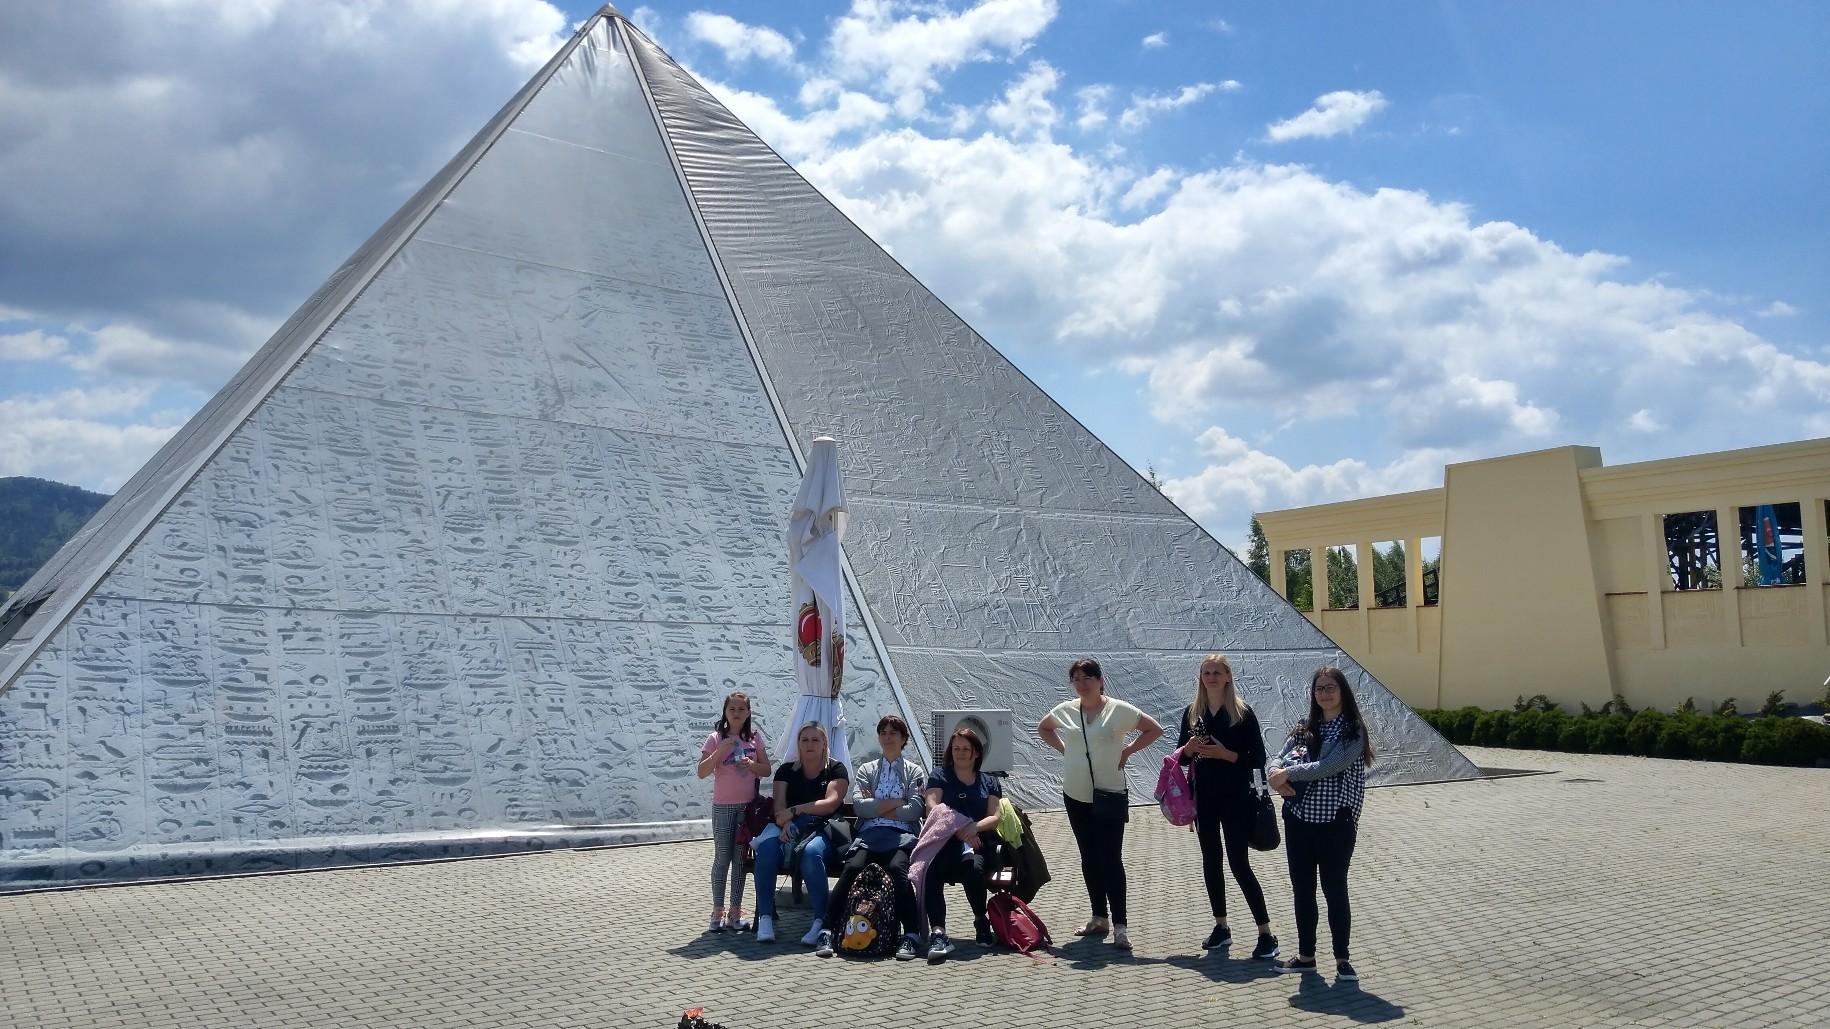 Gdzieś w Egipcie pod piramidą Hopsa-Hopsa ;)